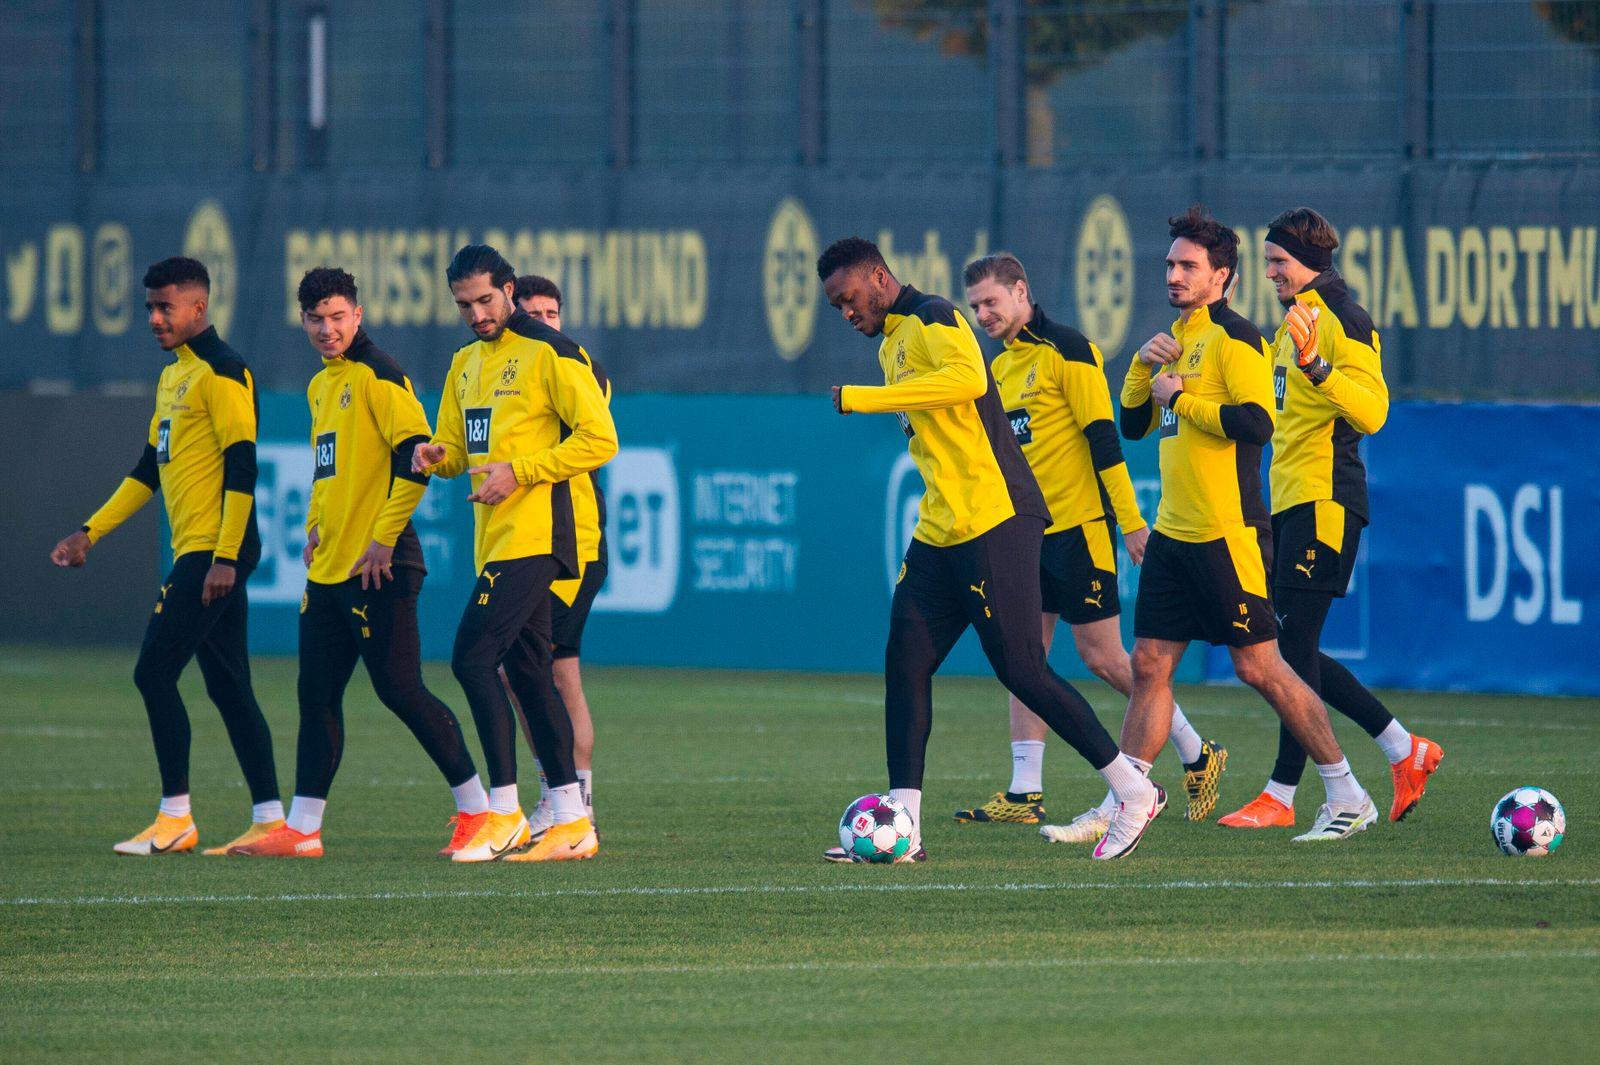 Fußball: 1. Bundesliga, Saison 2020/2021, Training von Borussia Dortmund am 11.11.2020 in Dortmund Brackel (Nordrhein-W